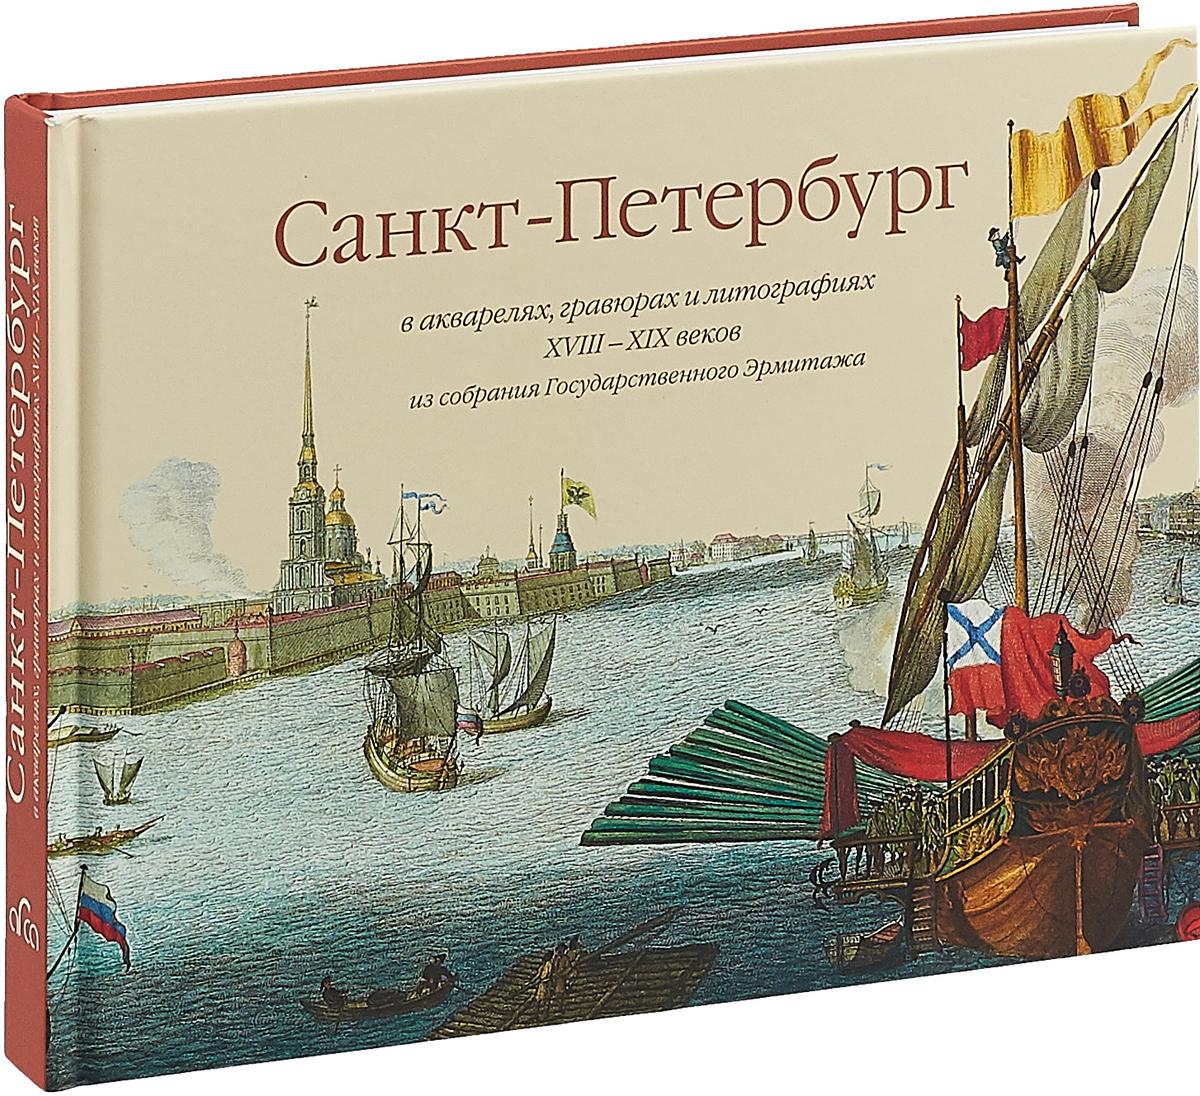 Санкт-Петербург в акварелях, гравюрах и литографиях